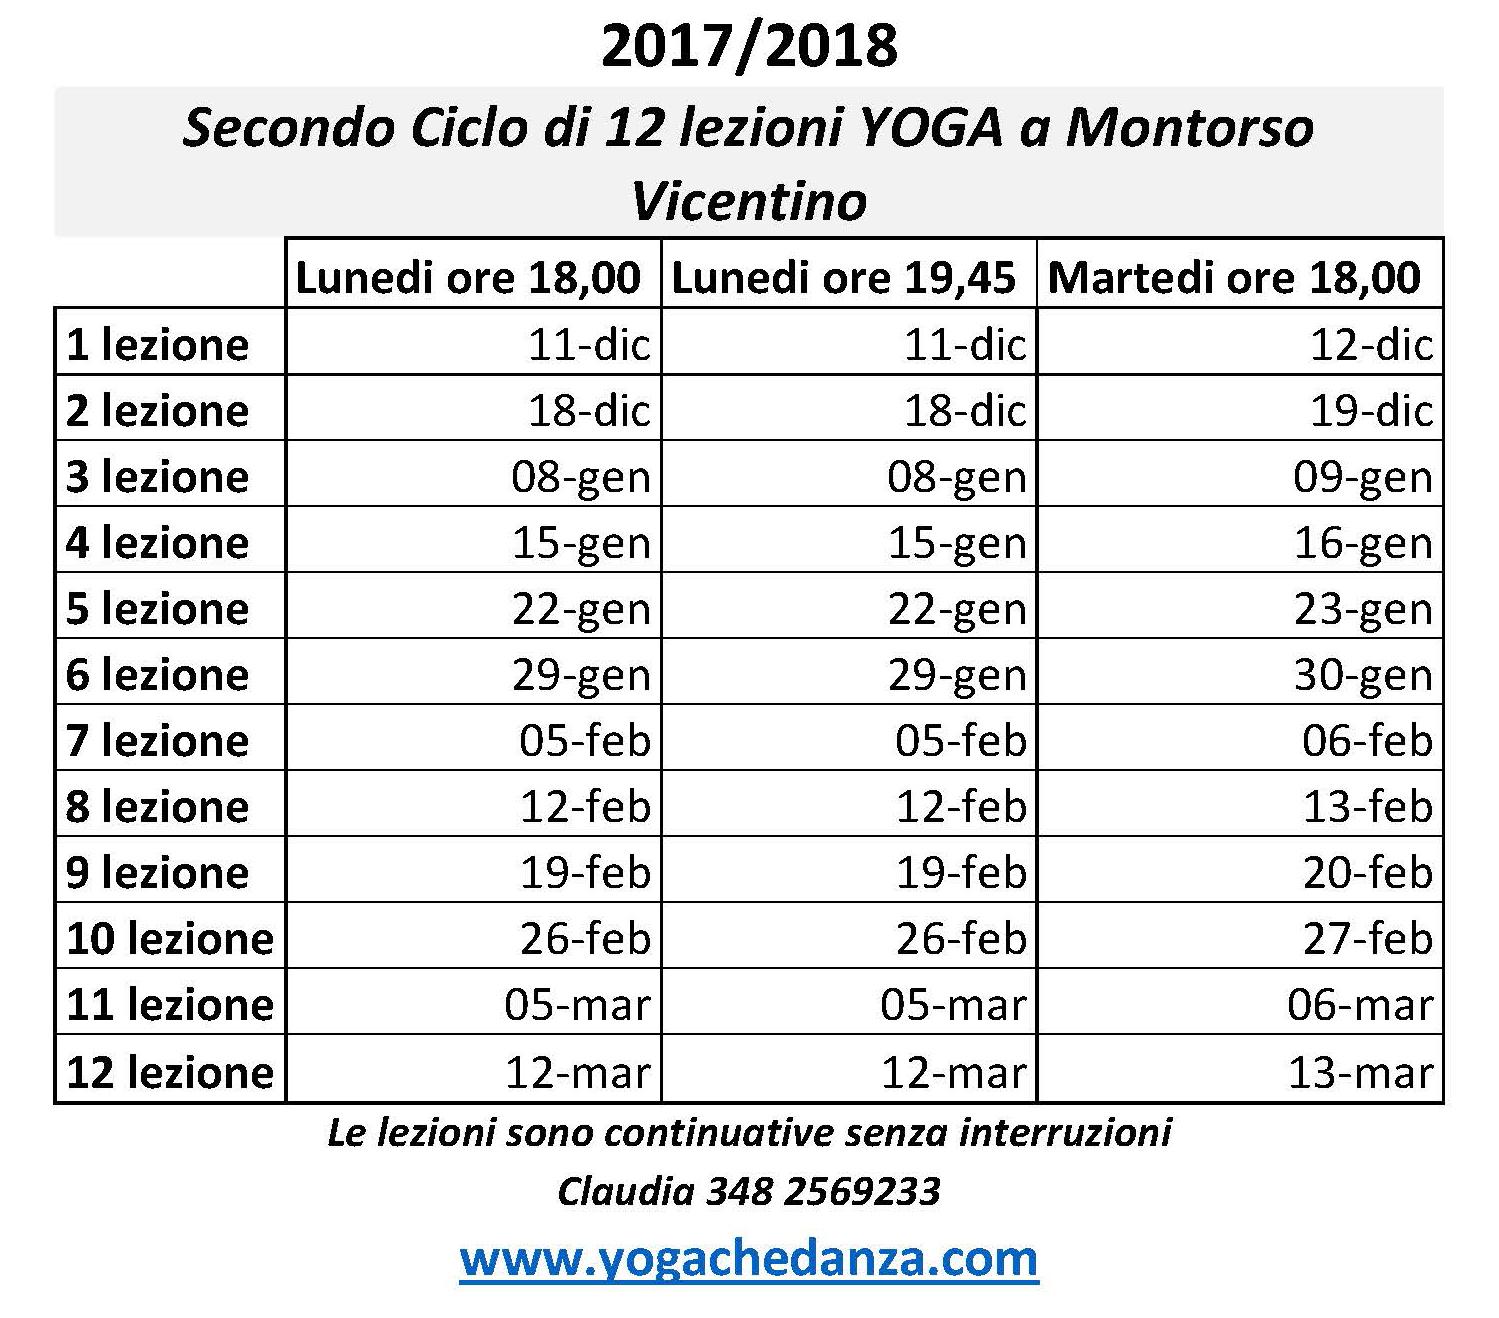 secondo ciclo corsi yoga montorso dal 11 Dicembre 2017 al 12 marzo 2018